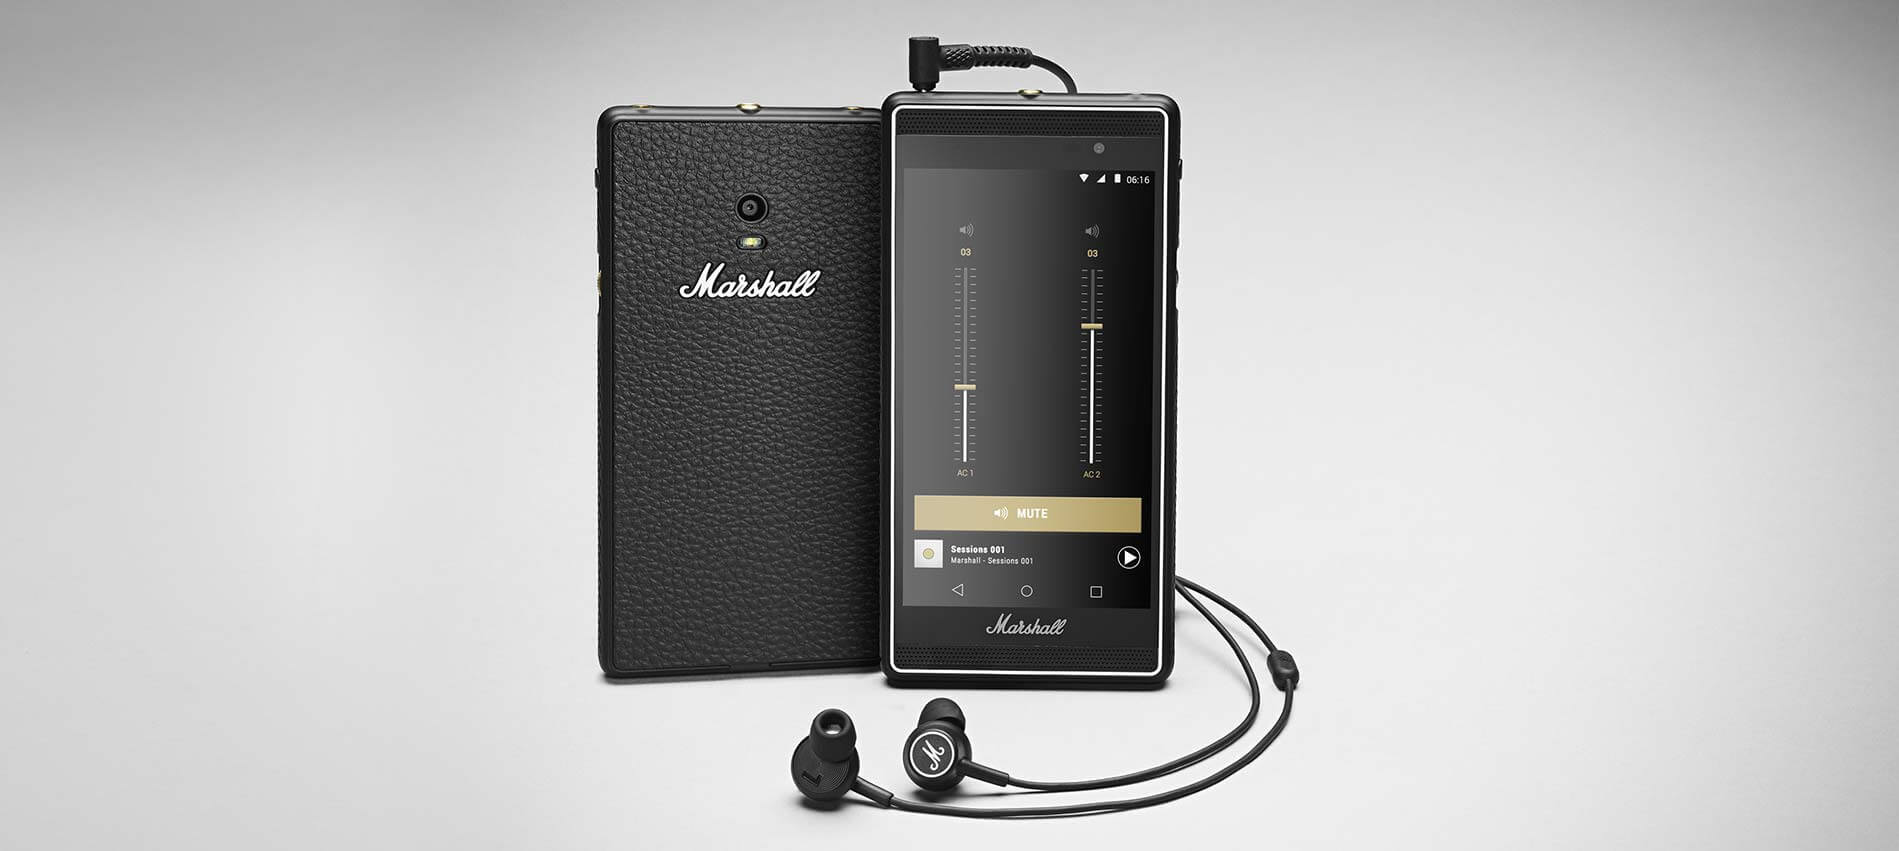 Marshall lanzó un celular especial para rockeros